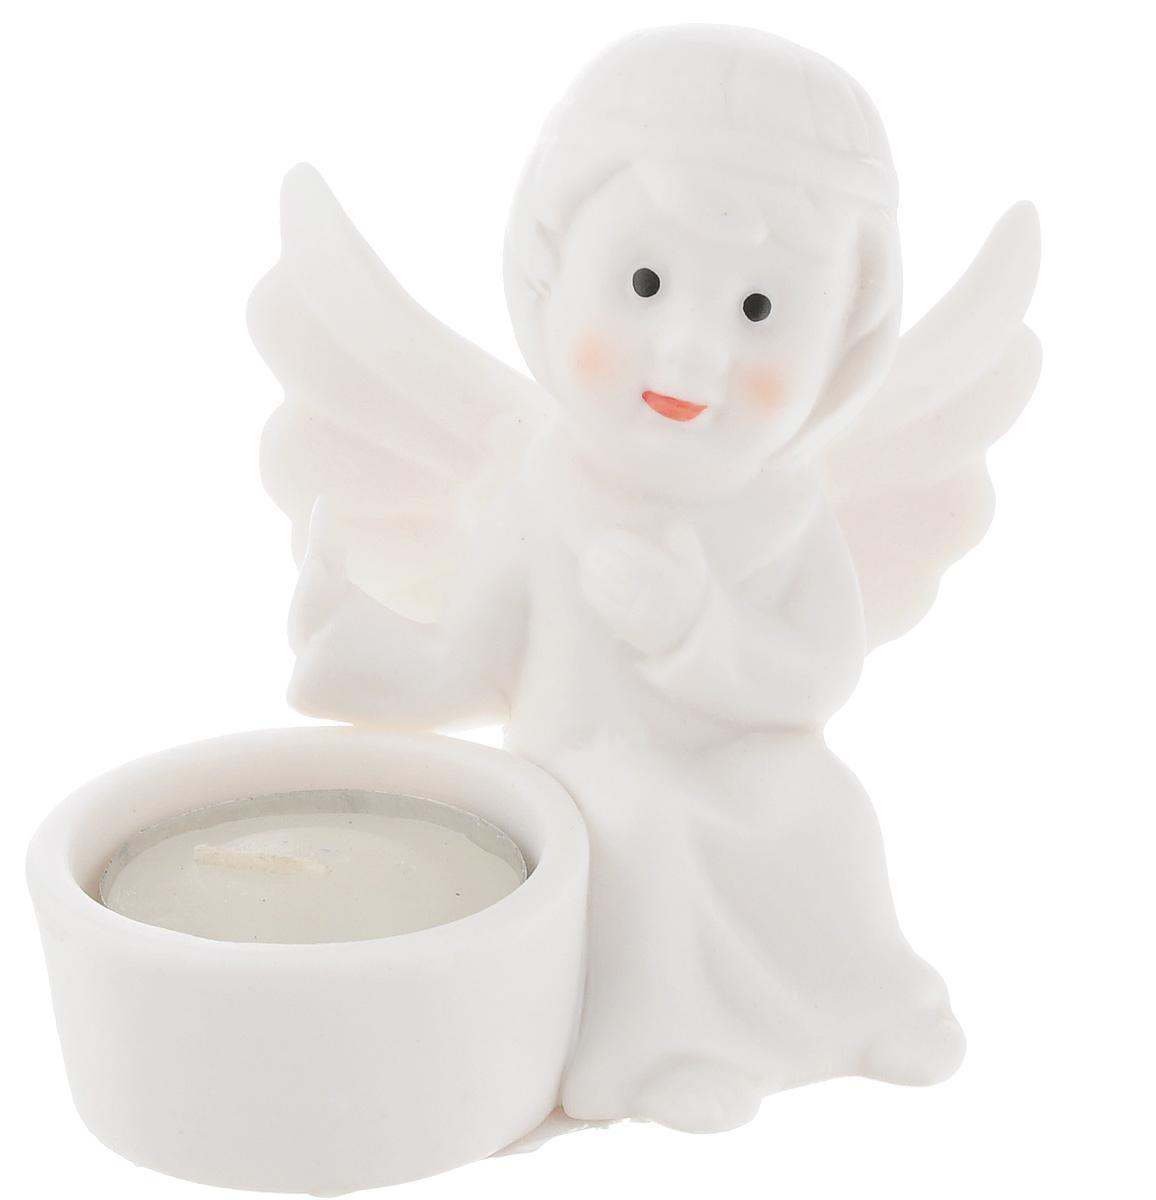 Подсвечник Lillo Ангел, со свечой, высота 8,5 смYLQ 10909Подсвечник Lillo Ангел, выполненный из керамики, украсит интерьер вашего дома или офиса. Оригинальный дизайн и красочное исполнение создадут праздничное настроение. Подсвечник выполнен в форме ангела, сидящего около небольшой чашечки. Внутри чашечки - парафиновая свеча.Вы можете поставить подсвечник в любом месте, где он будет удачно смотреться, и радовать глаз. Кроме того - это отличный вариант подарка для ваших близких и друзей в преддверии Нового года.